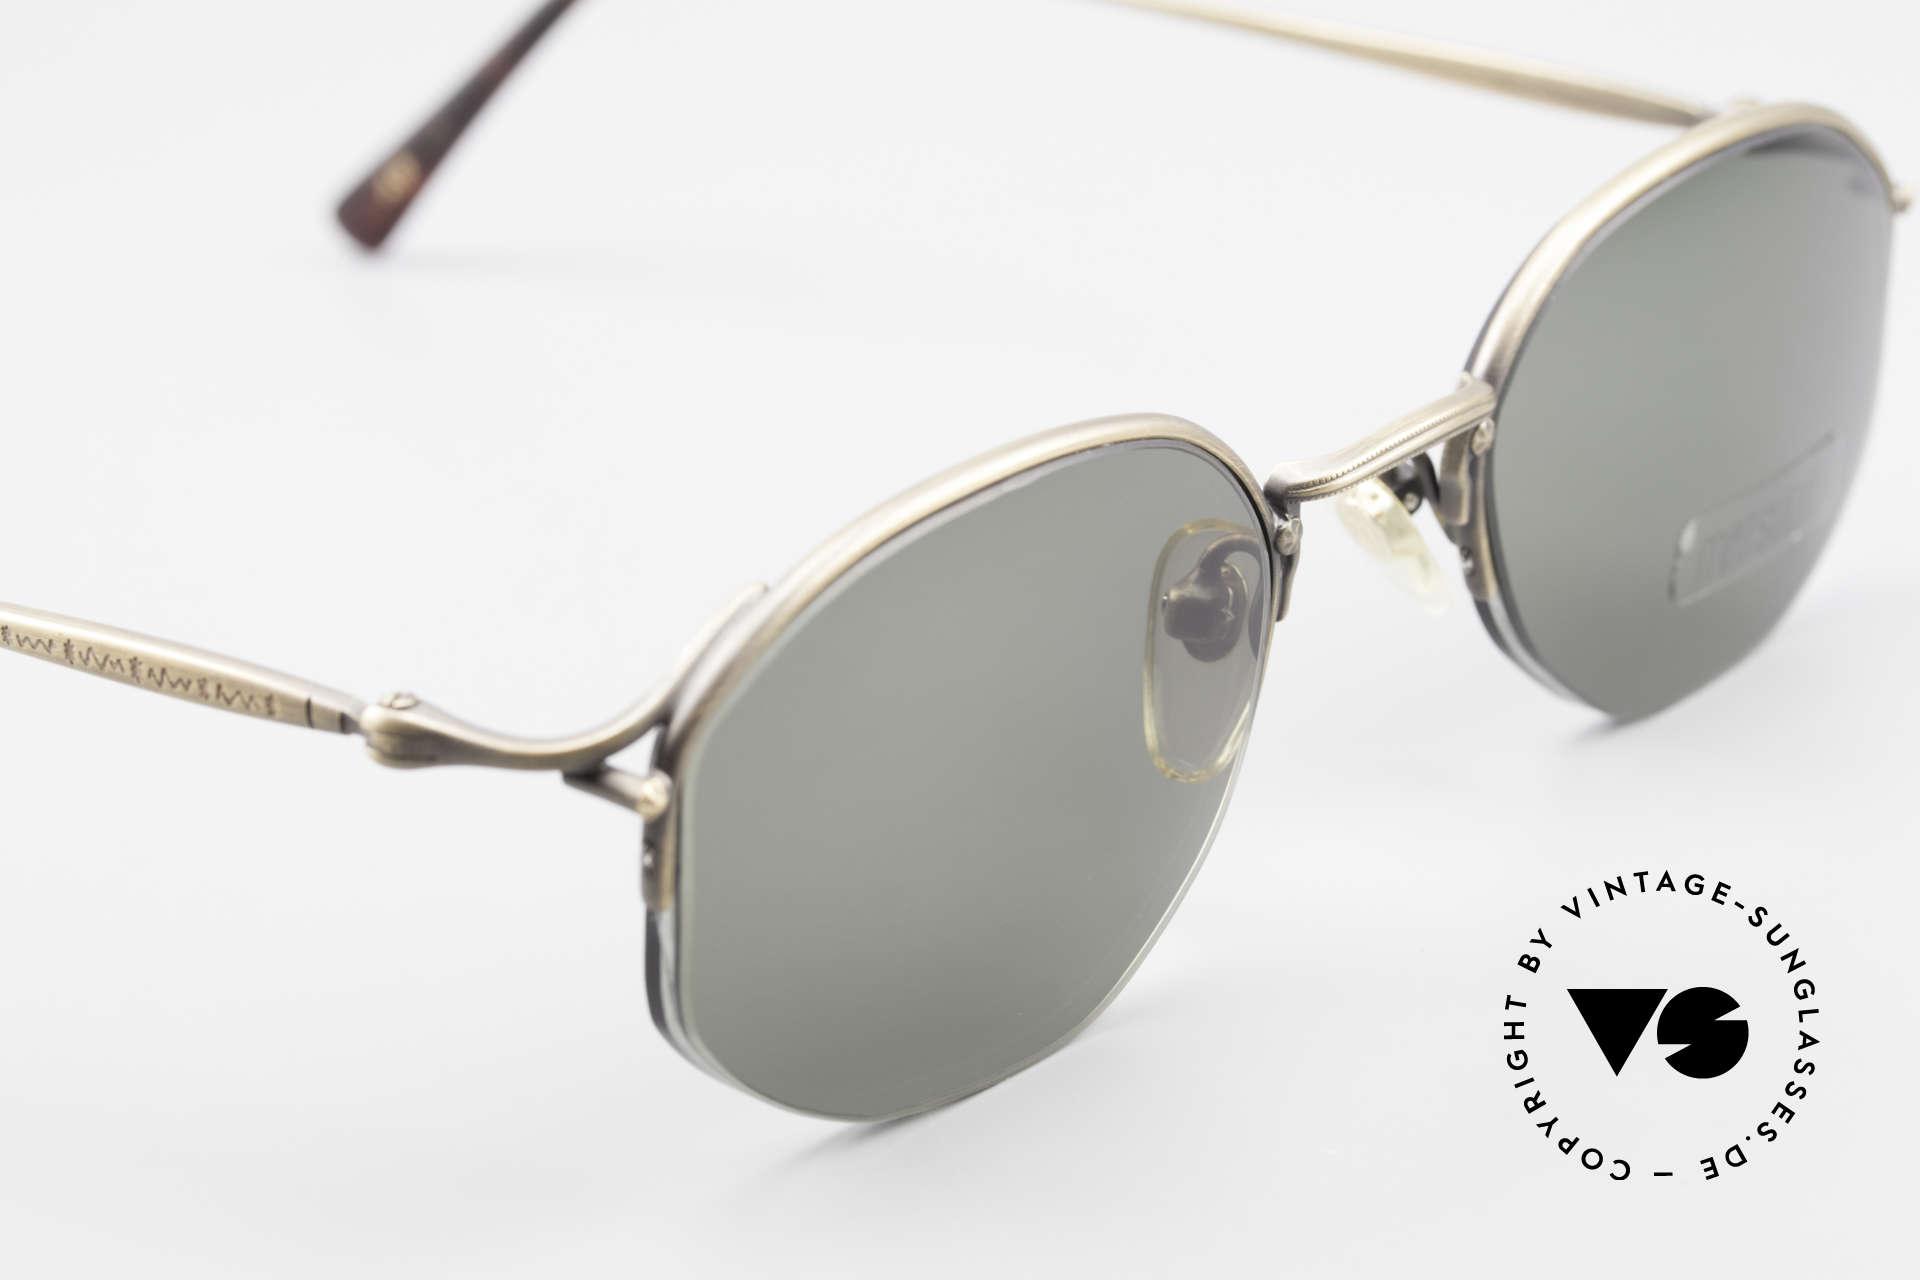 Matsuda 2855 Vintage Sonnenbrille Nylor, Sonnengläser können beliebig getauscht werden, Passend für Herren und Damen